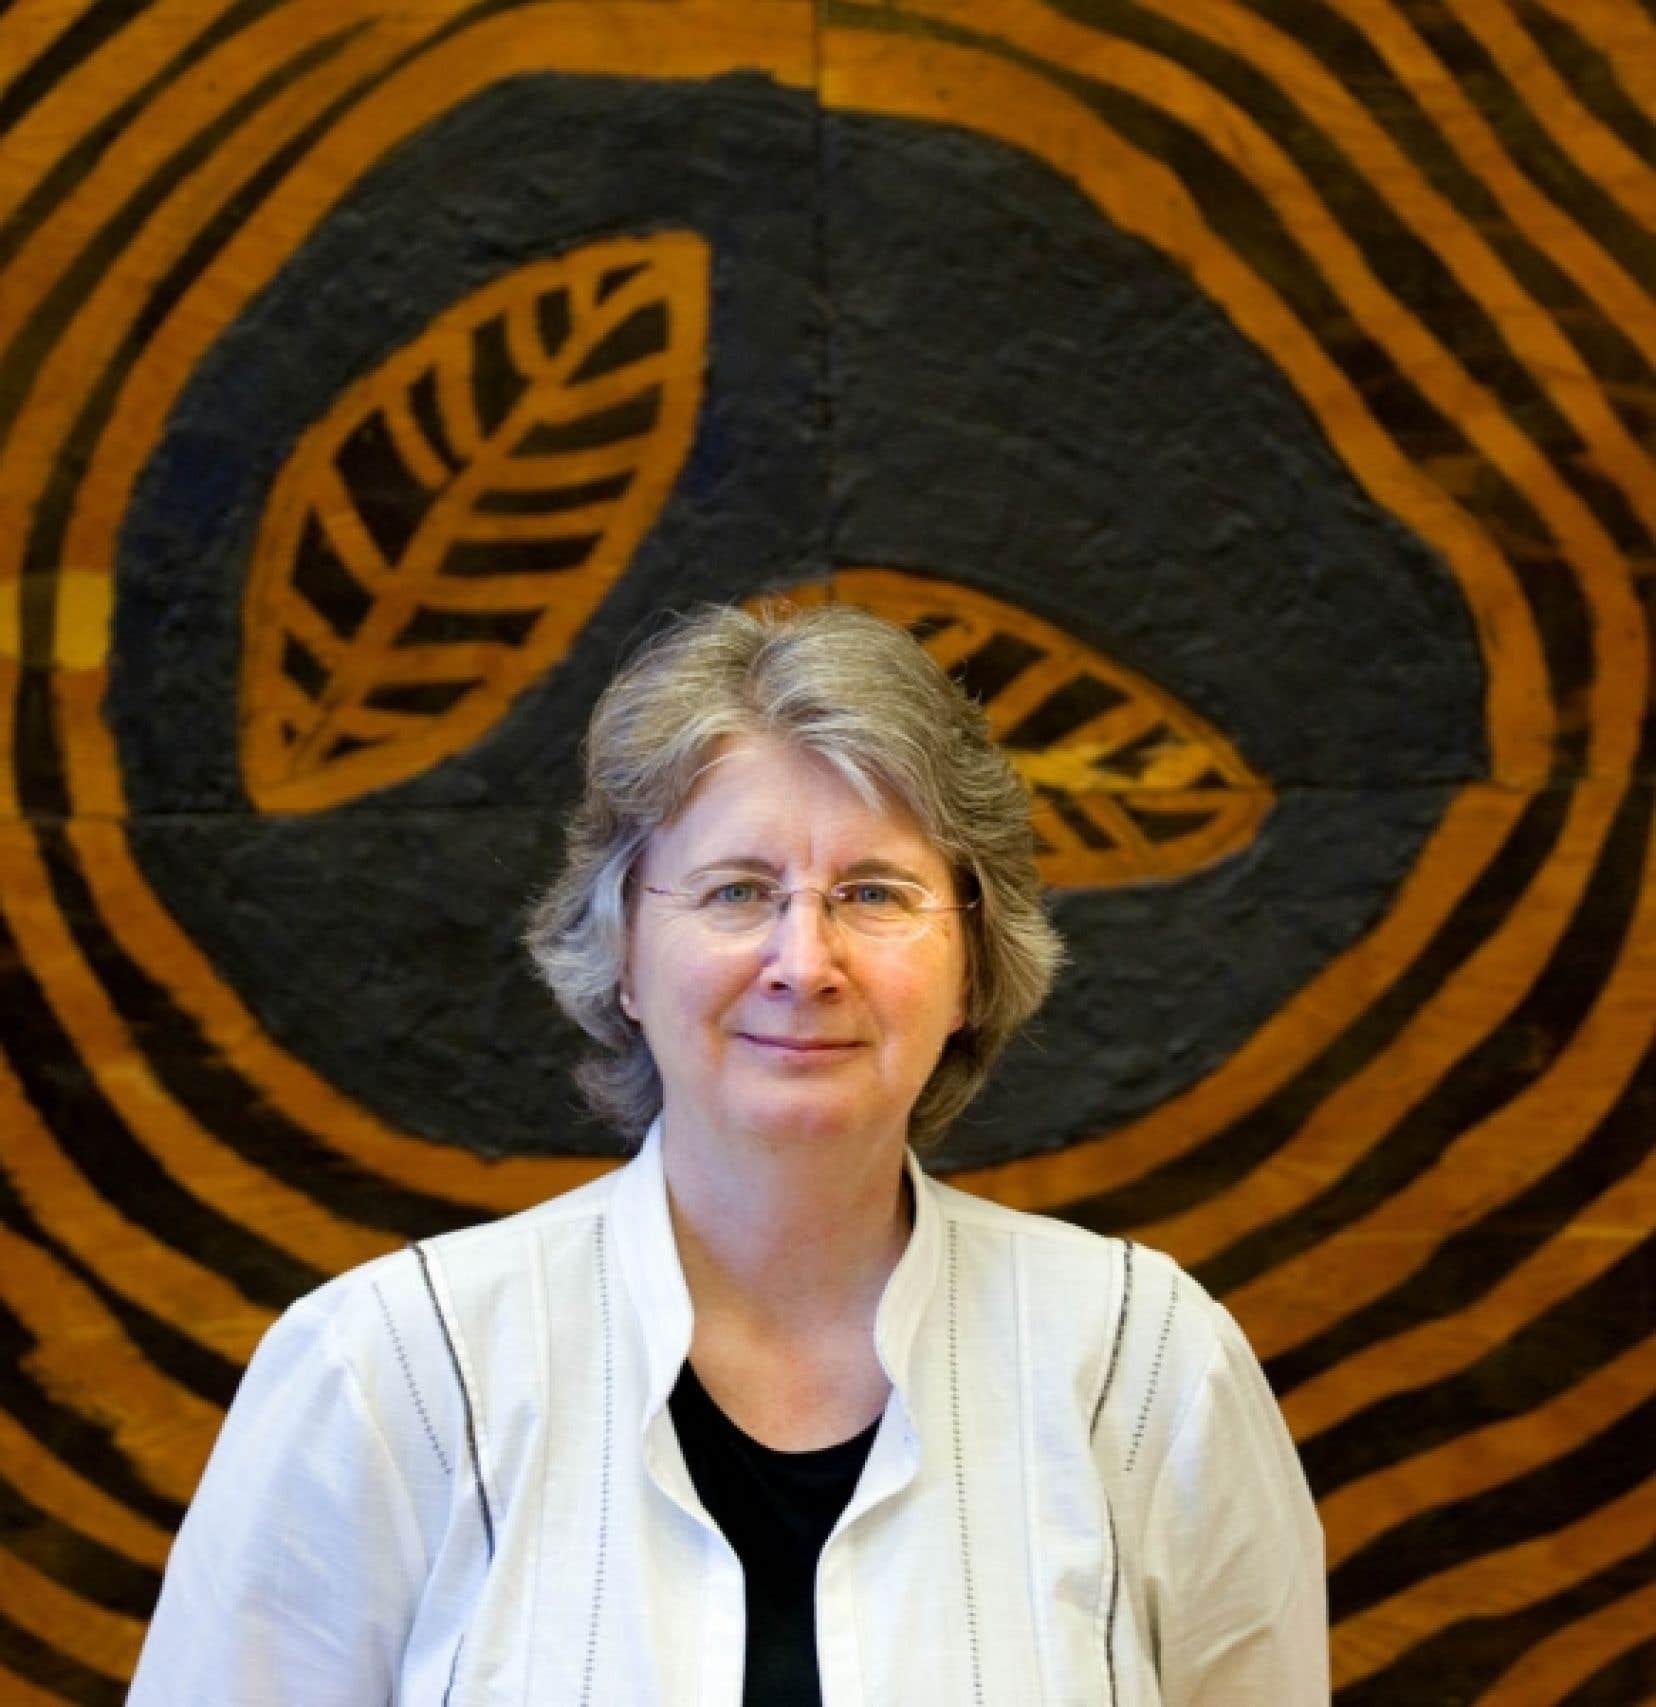 Carole Lévesque, professeure au Centre urbanisation culture société de l'Institut national de la recherche scientifique (INRS) et récipiendaire du prix Marcel-Vincent<br />